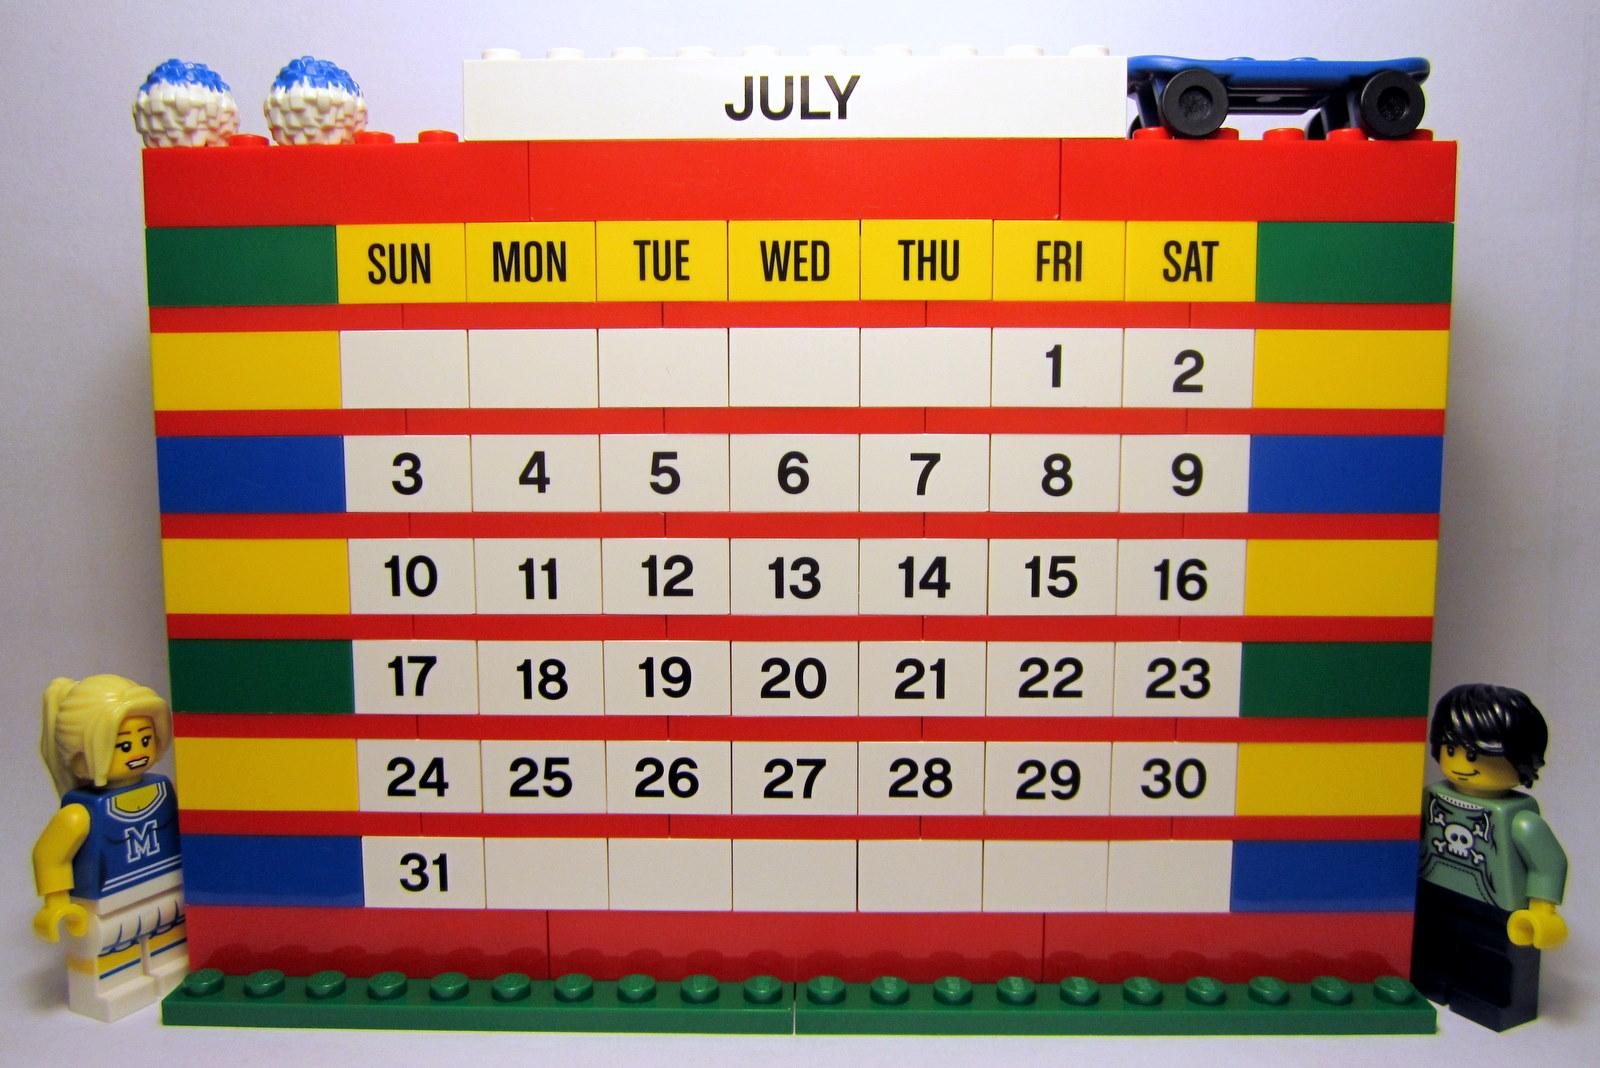 calendar by months